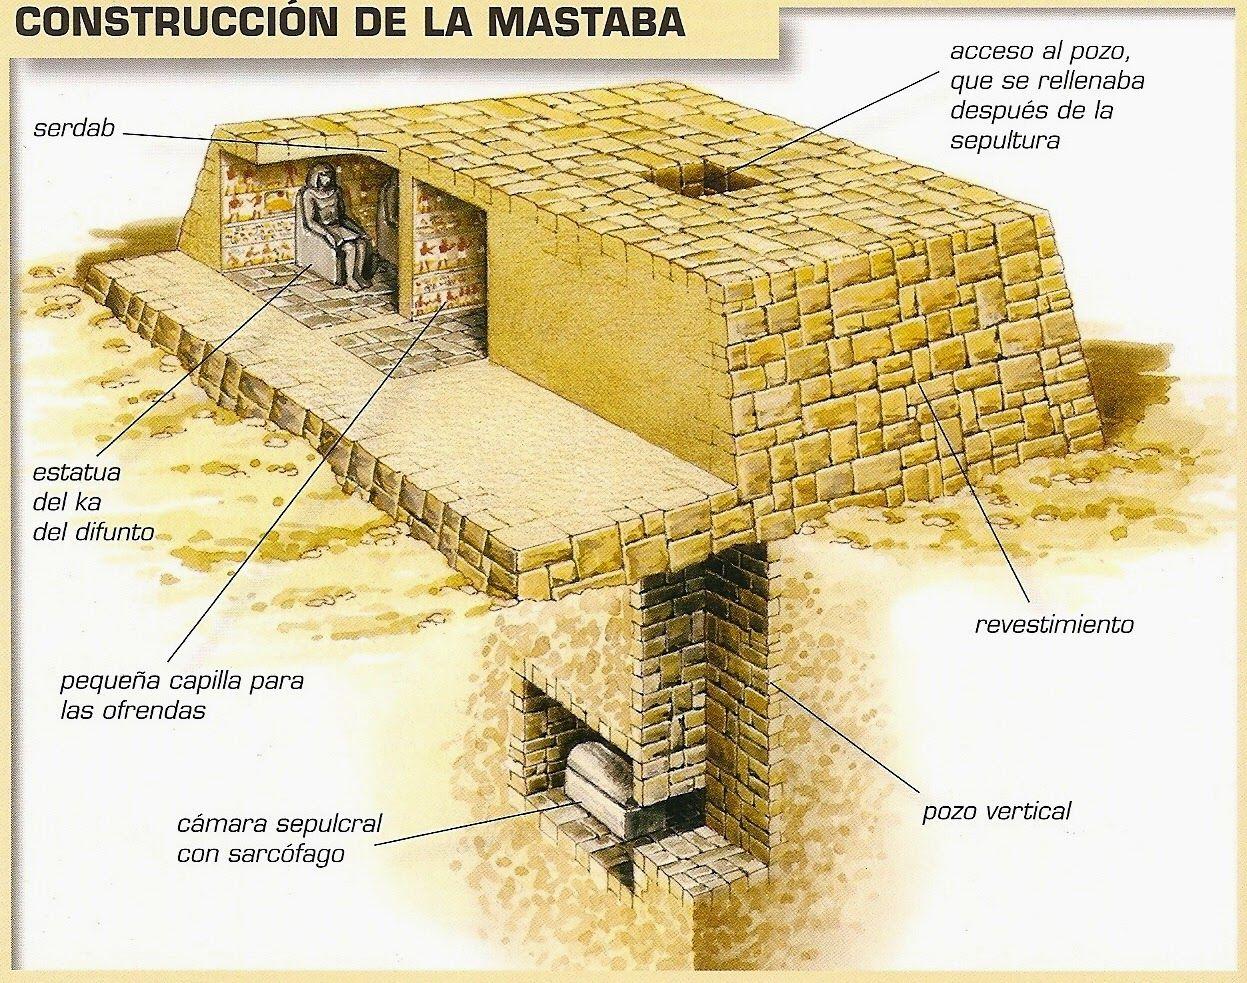 Afbeeldingsresultaat voor mastaba